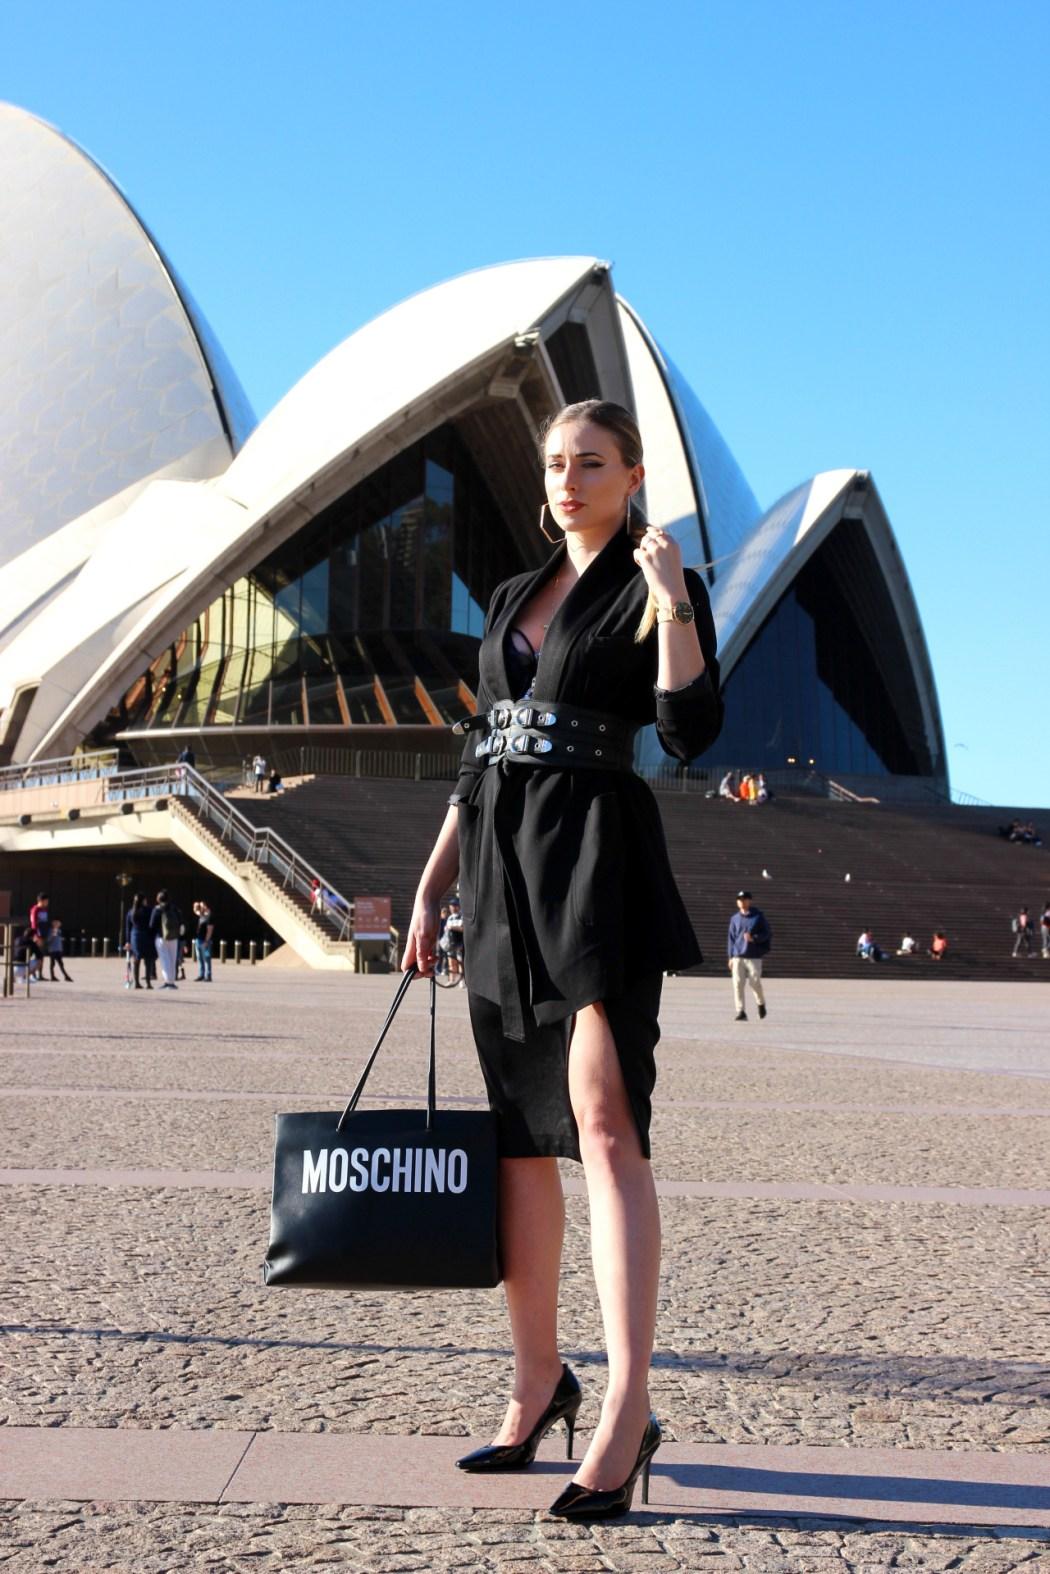 melissa zahorujko sydney opera house